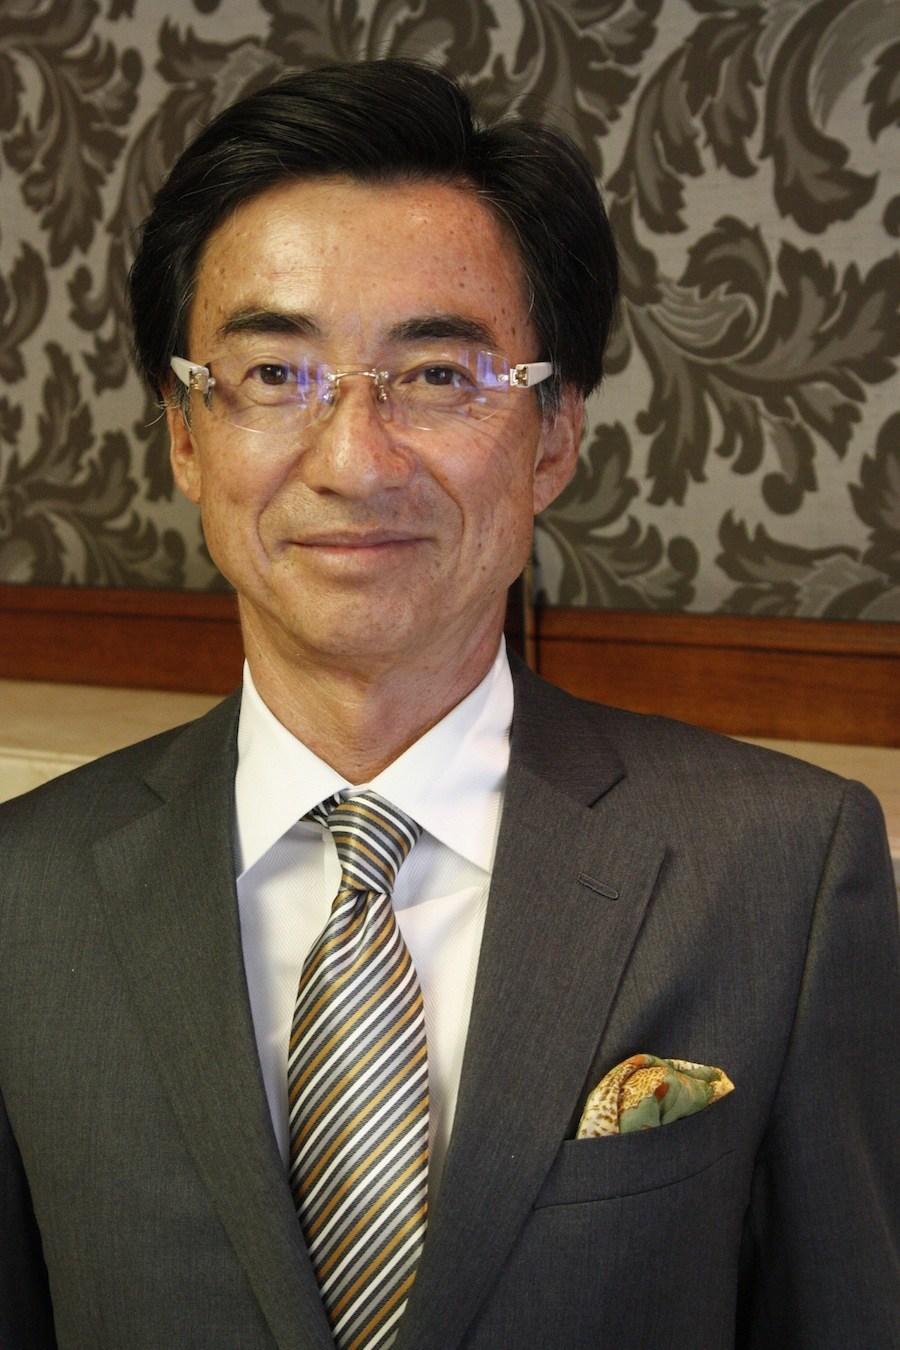 Der CEO der Seiko Holding spricht über seine Pläne speziell im Bereich mechanische Uhren